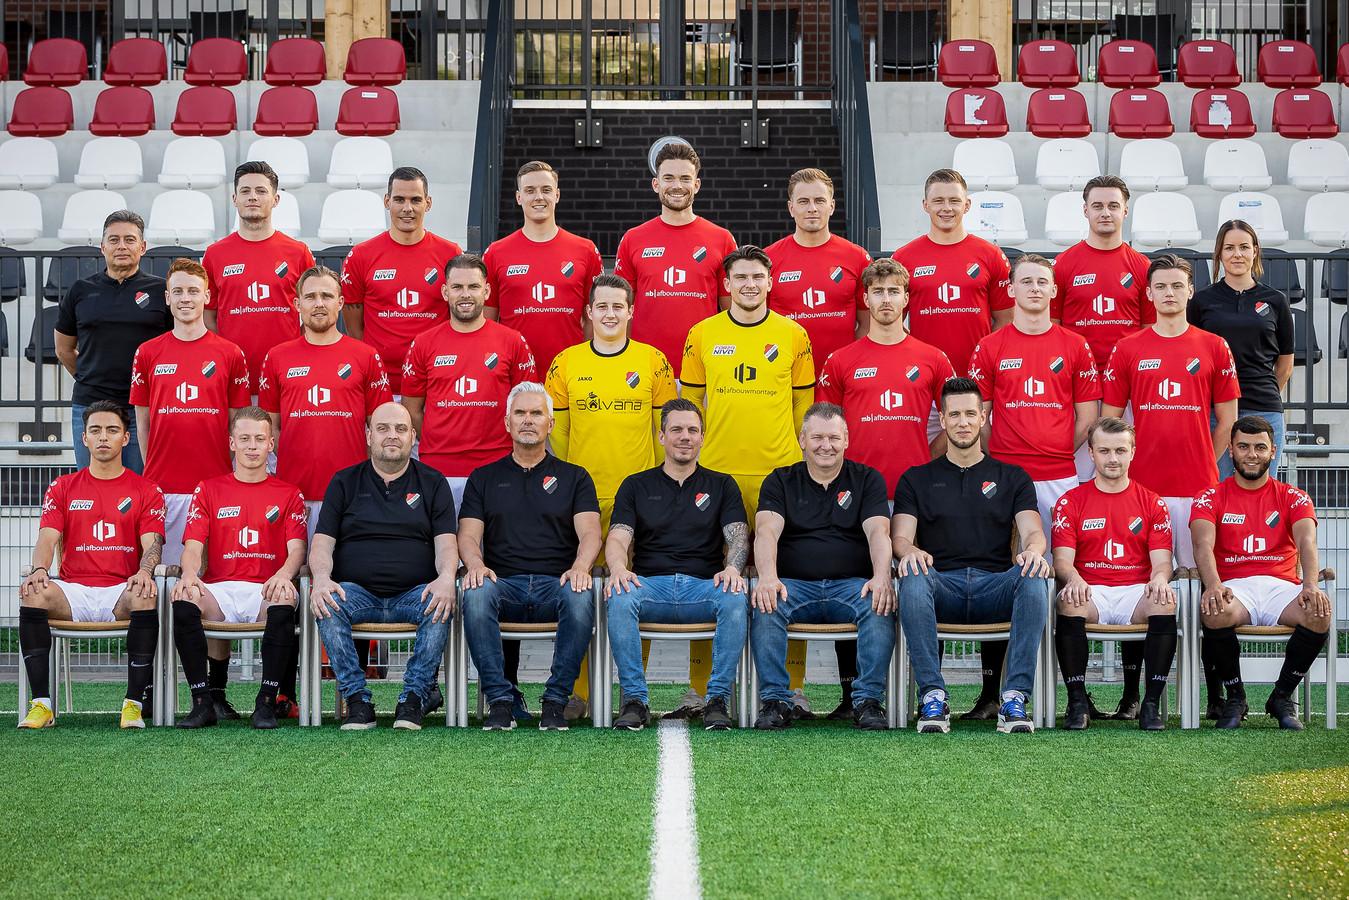 Het eerste van NIVO-Sparta speelt 10 juli om 17.00 uur thuis tegen FC Den Bosch.